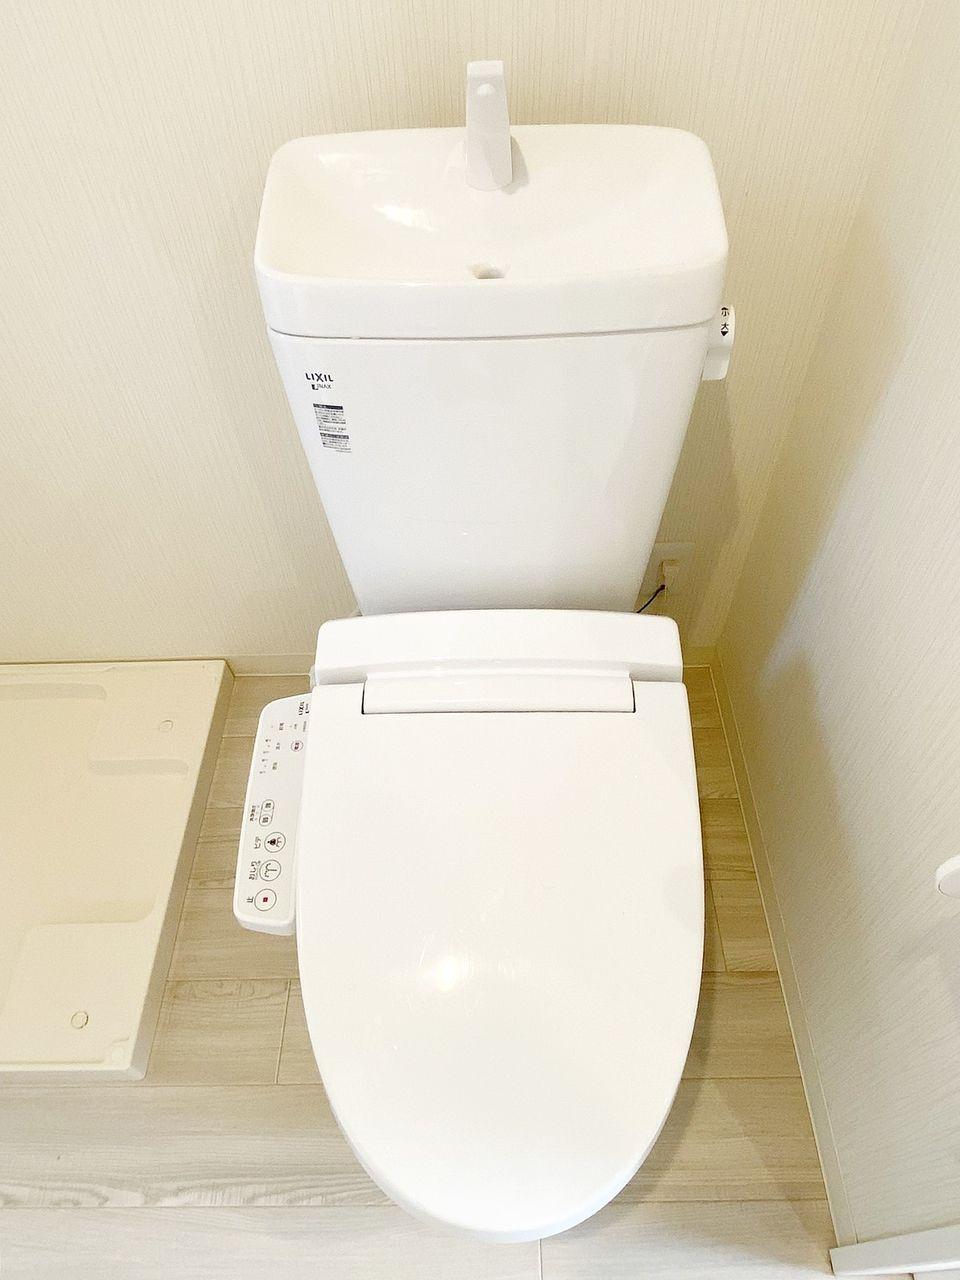 豊島区千早の賃貸マンション オーレ池袋西 脱衣所にトイレあります。ウォシュレットです